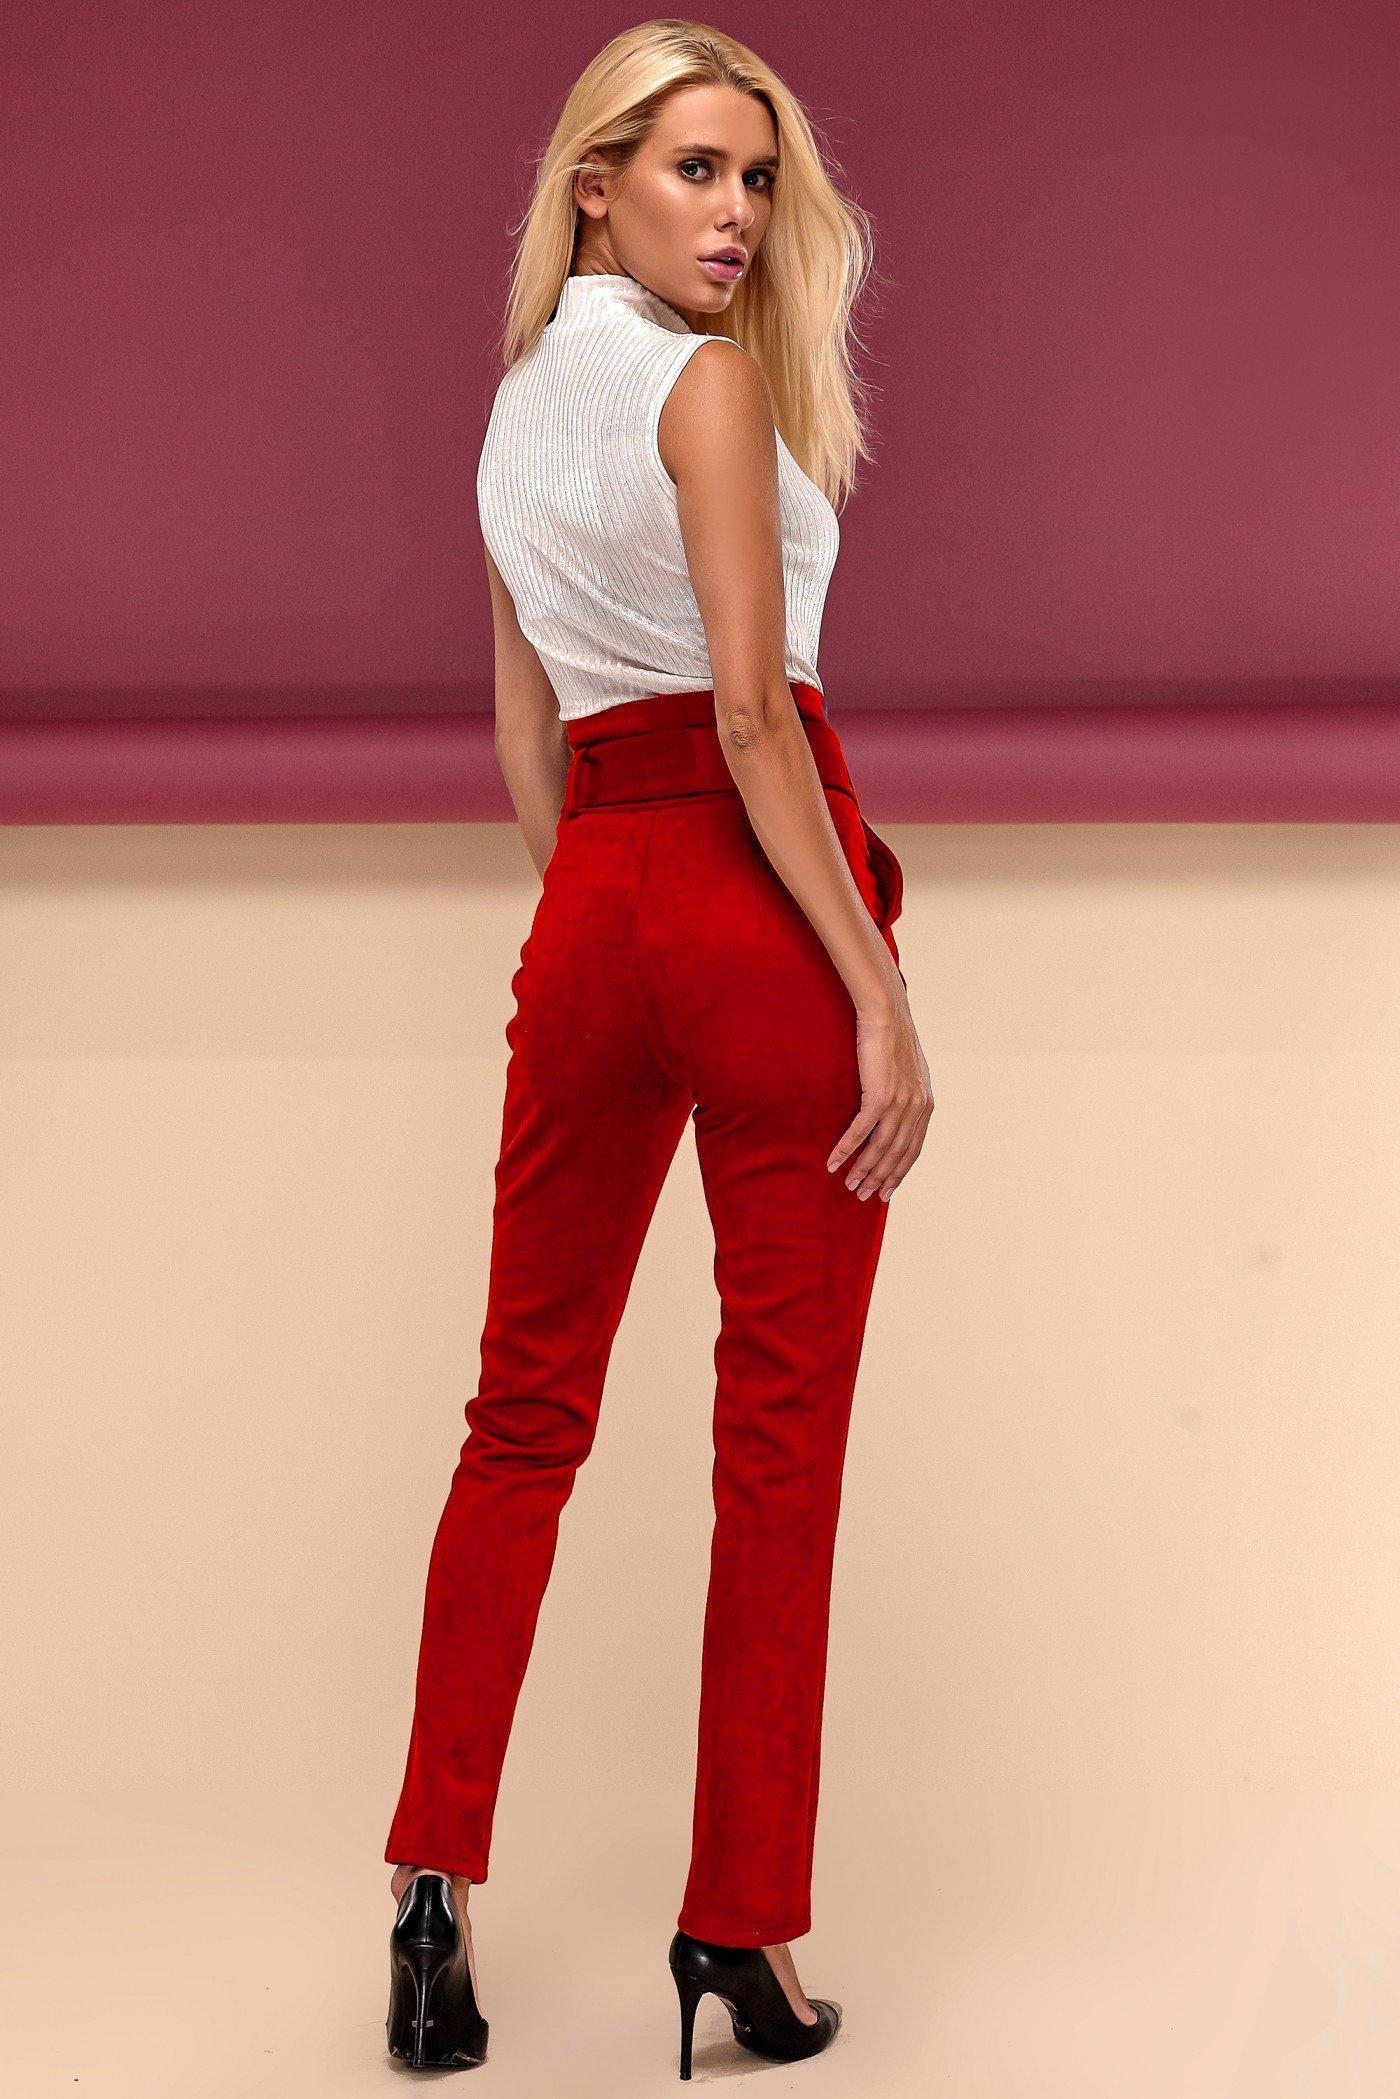 Червоні брюки з високою посадкою Дея - купити недорого — Donna Bella ... 12ed4bb2b4612